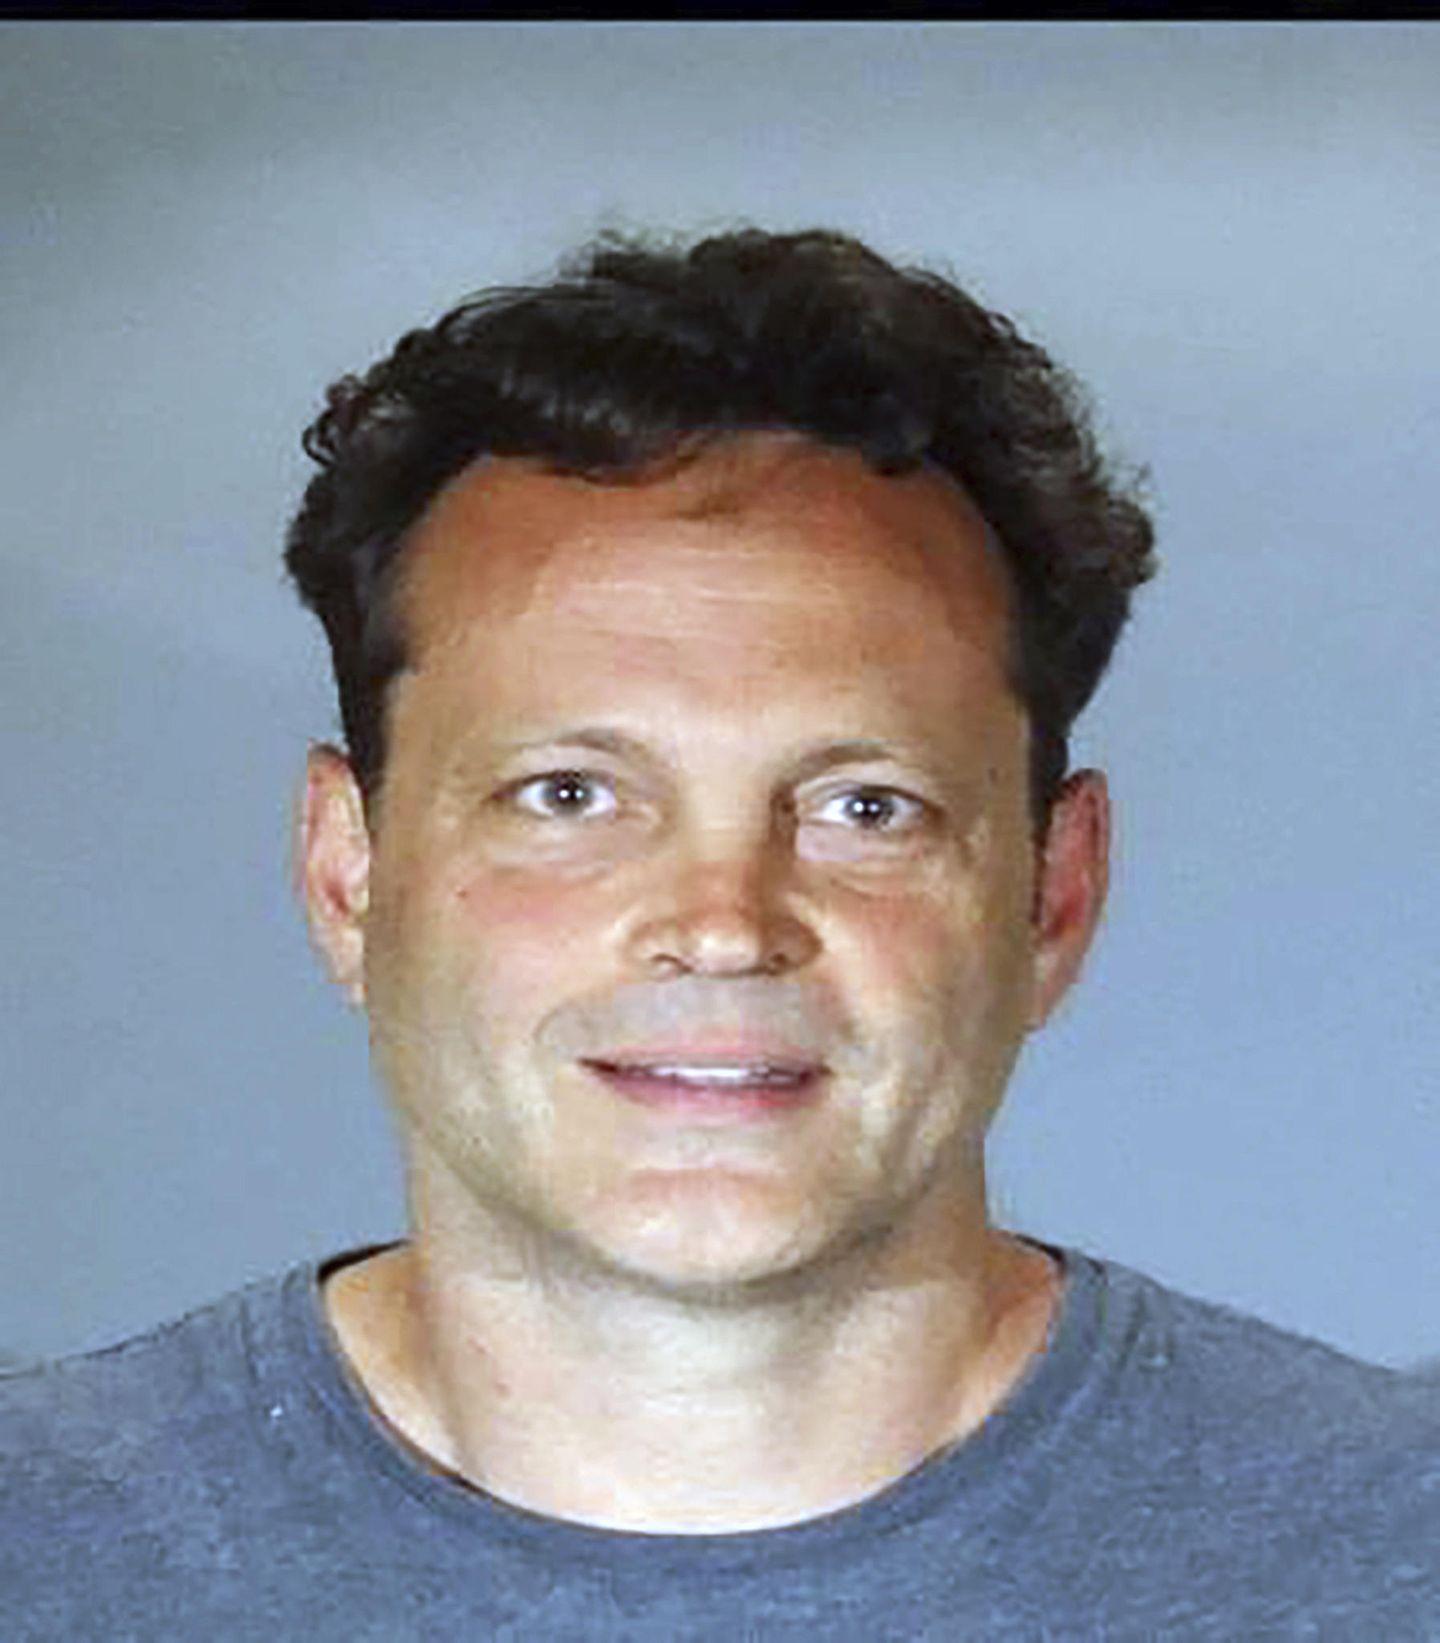 """Vince Vaughn  Der Schauspieler soll laut """"TMZ"""" bei einer Verkehrskontrolle auffällig geworden sein.Später istVaughn wegen Verdachts auf Trunkenheit am Steuer und Widerstand gegen die Polizei (Manhattan Beach) festgenommen worden und ist nun stolzer Besitzer dieses tollen Porträts."""